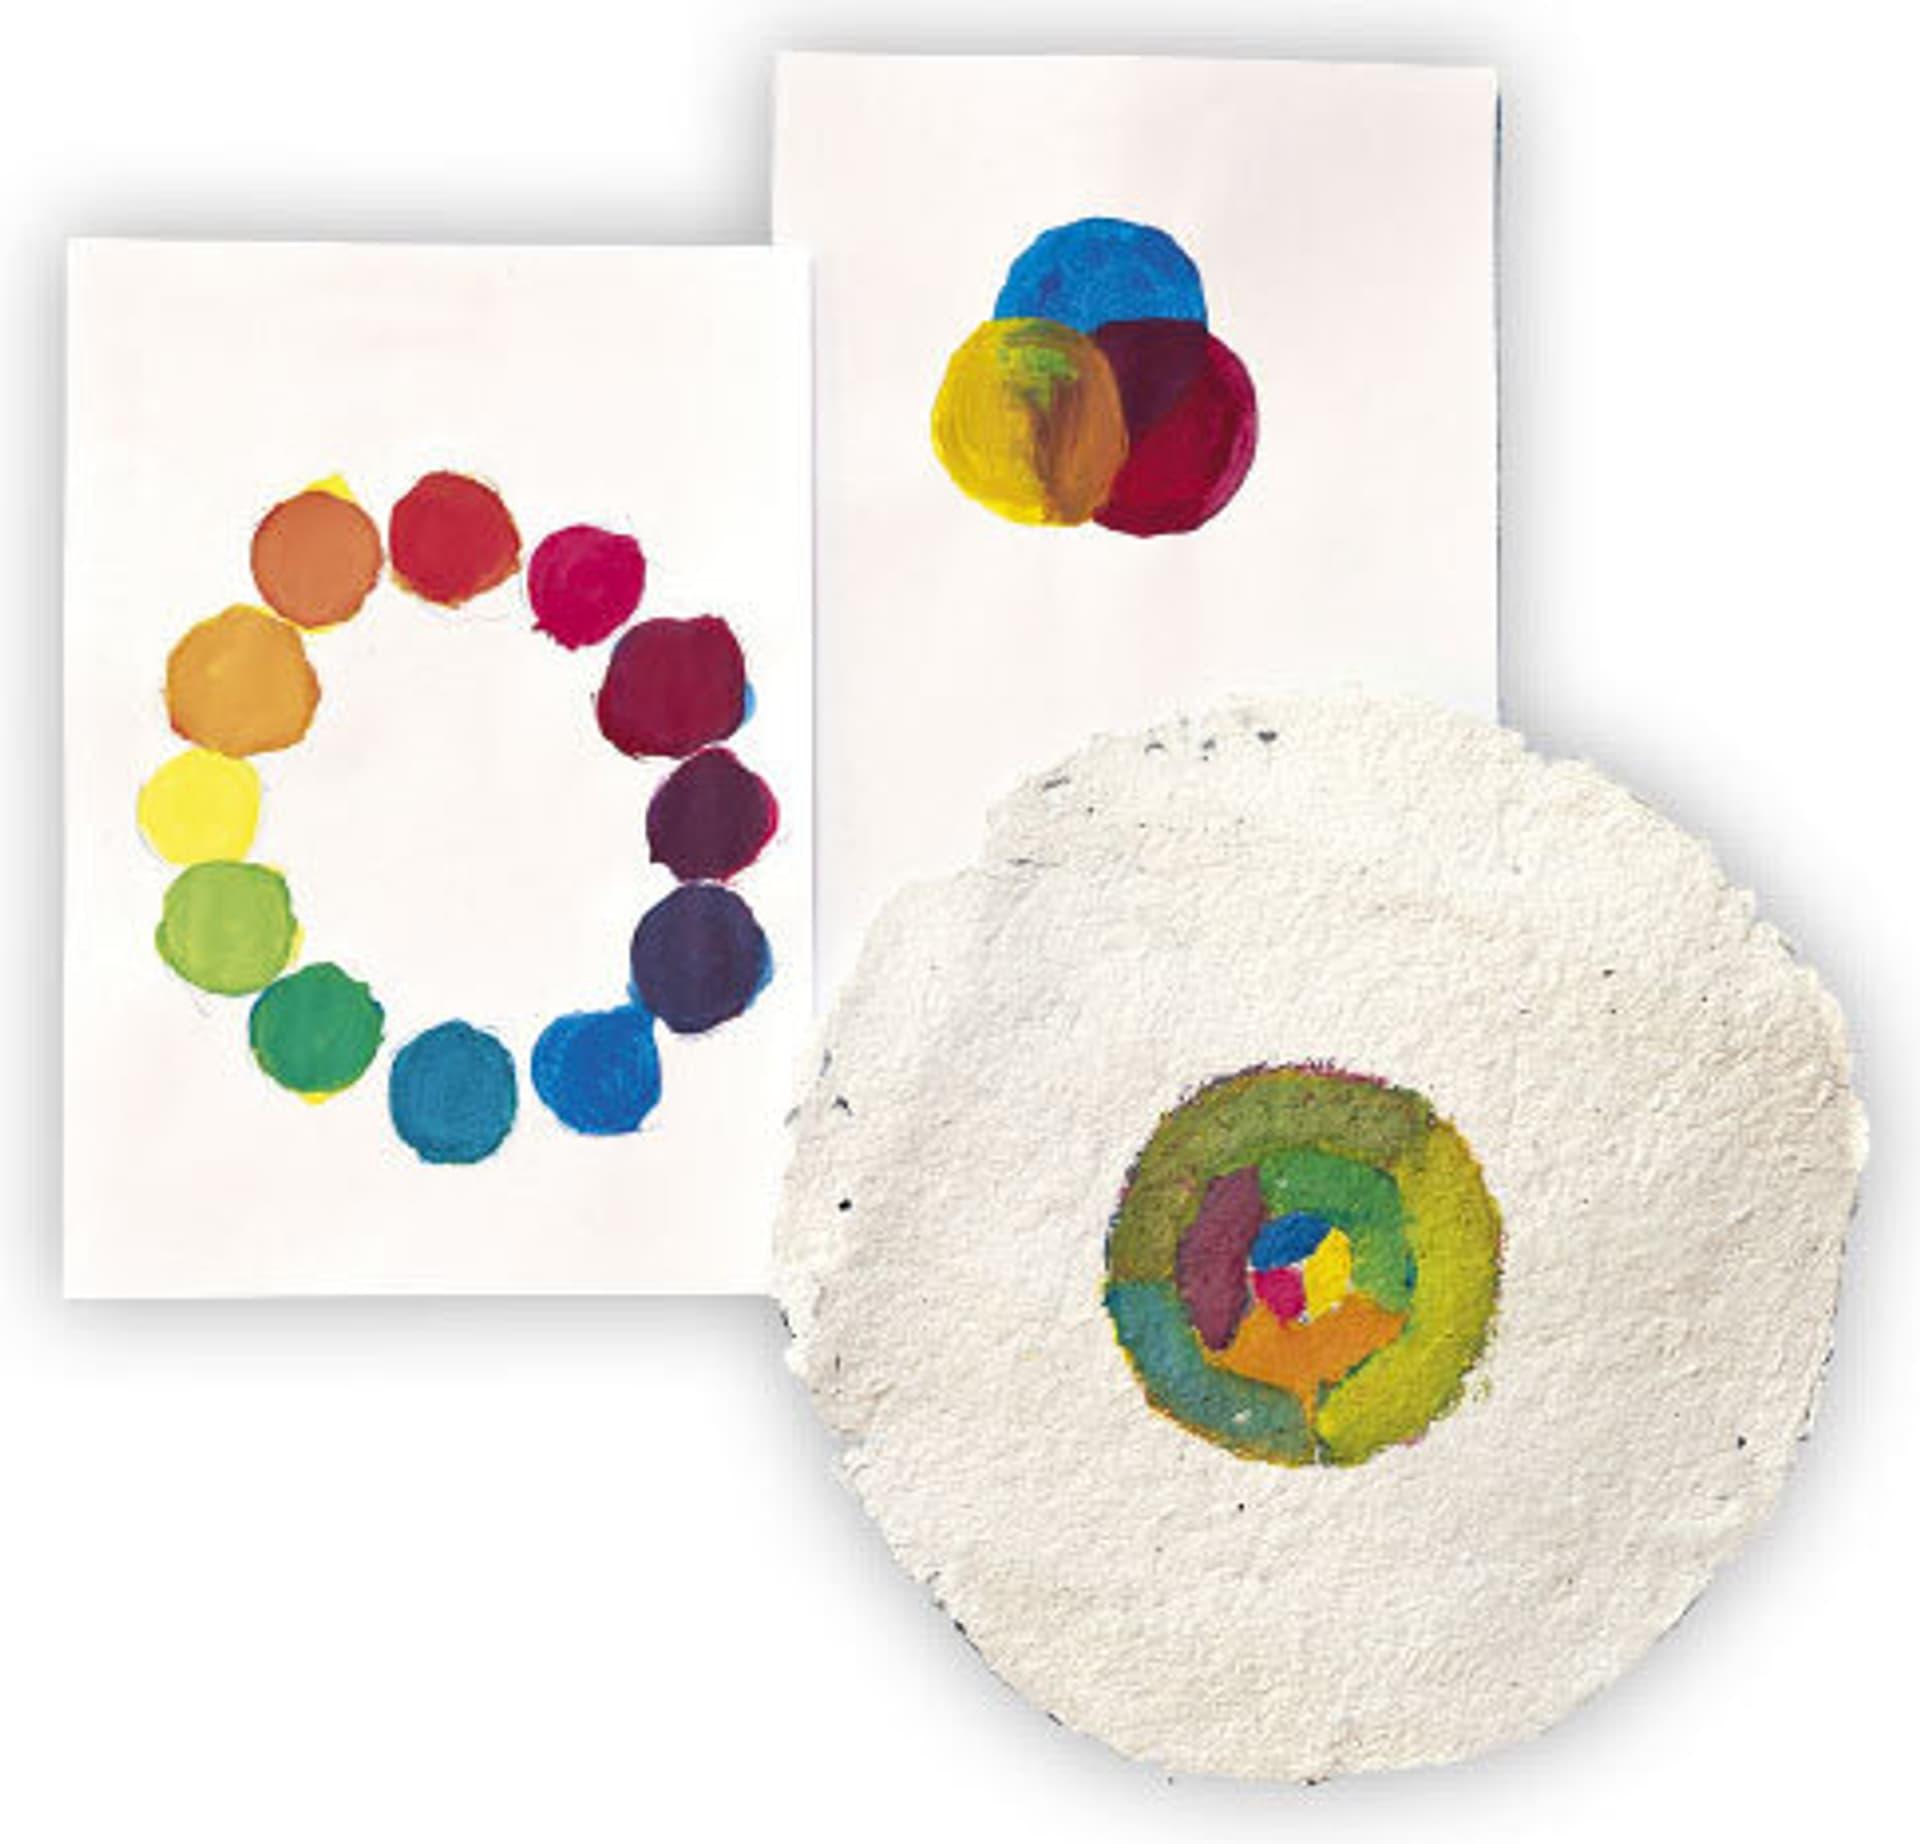 Papier mit Farbtupfen